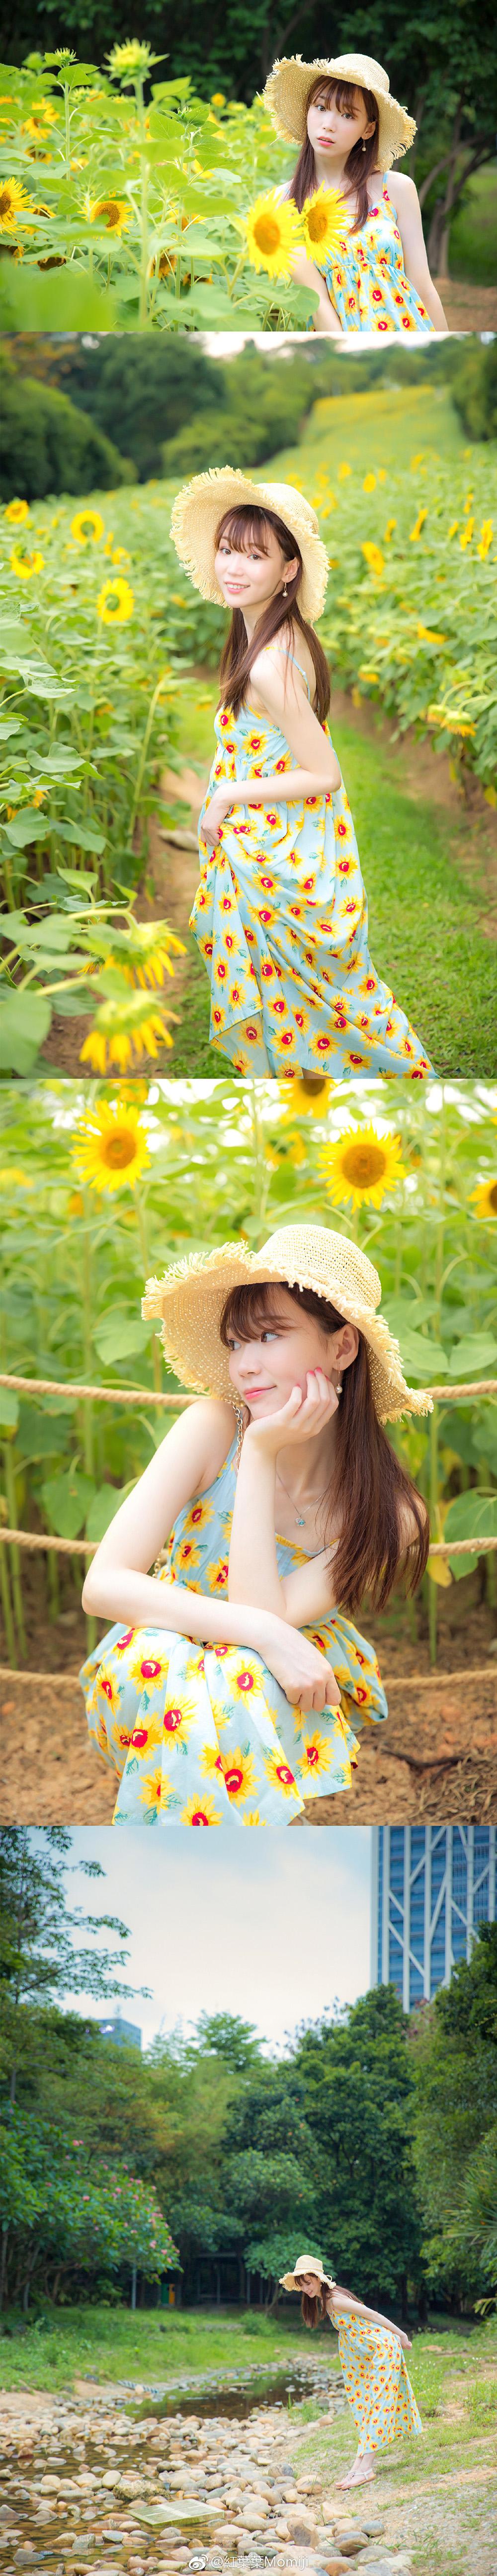 向日葵插图6